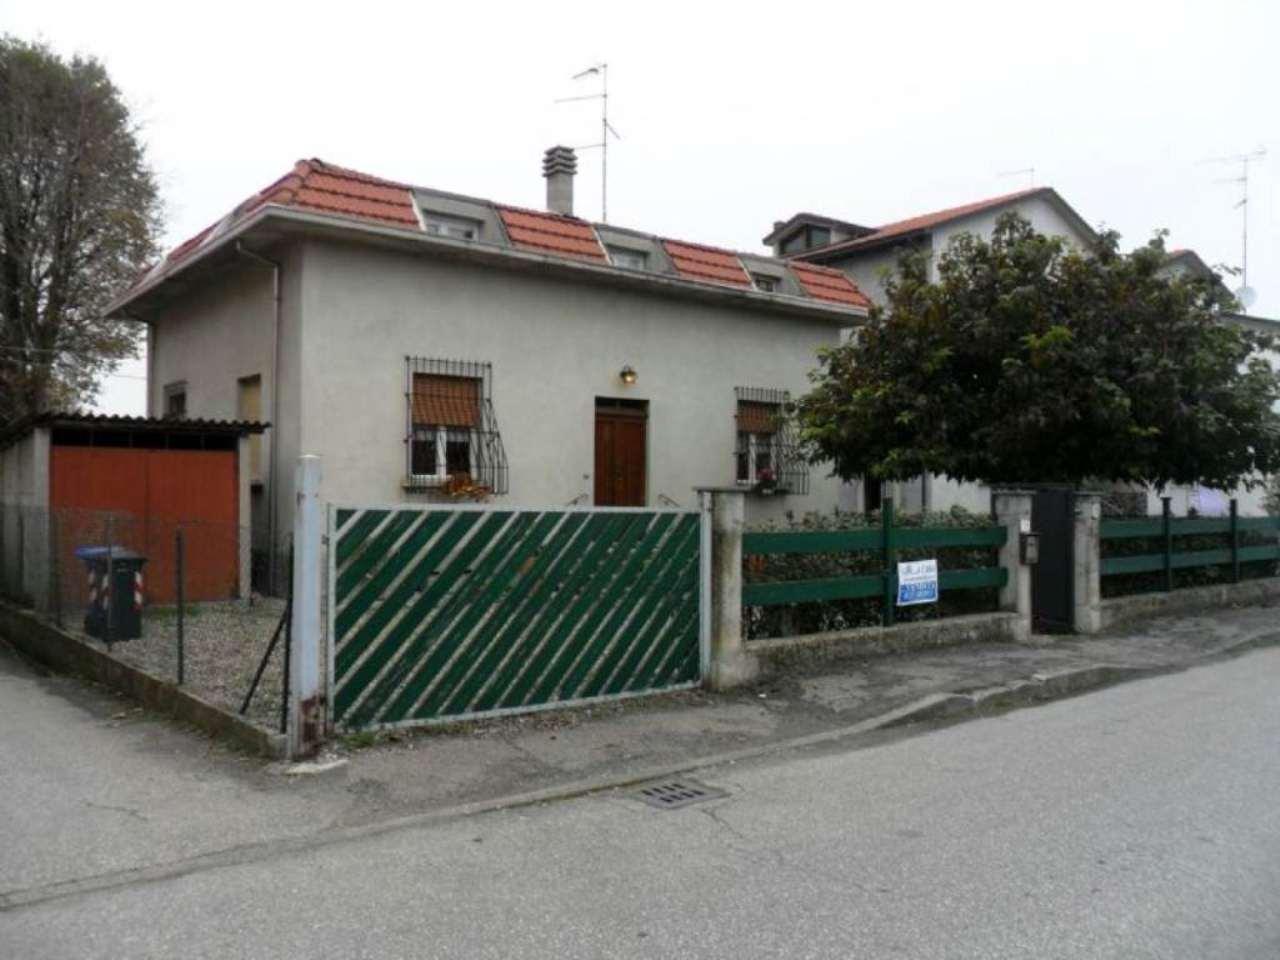 Soluzione Indipendente in vendita a Noceto, 5 locali, prezzo € 179.000 | Cambio Casa.it